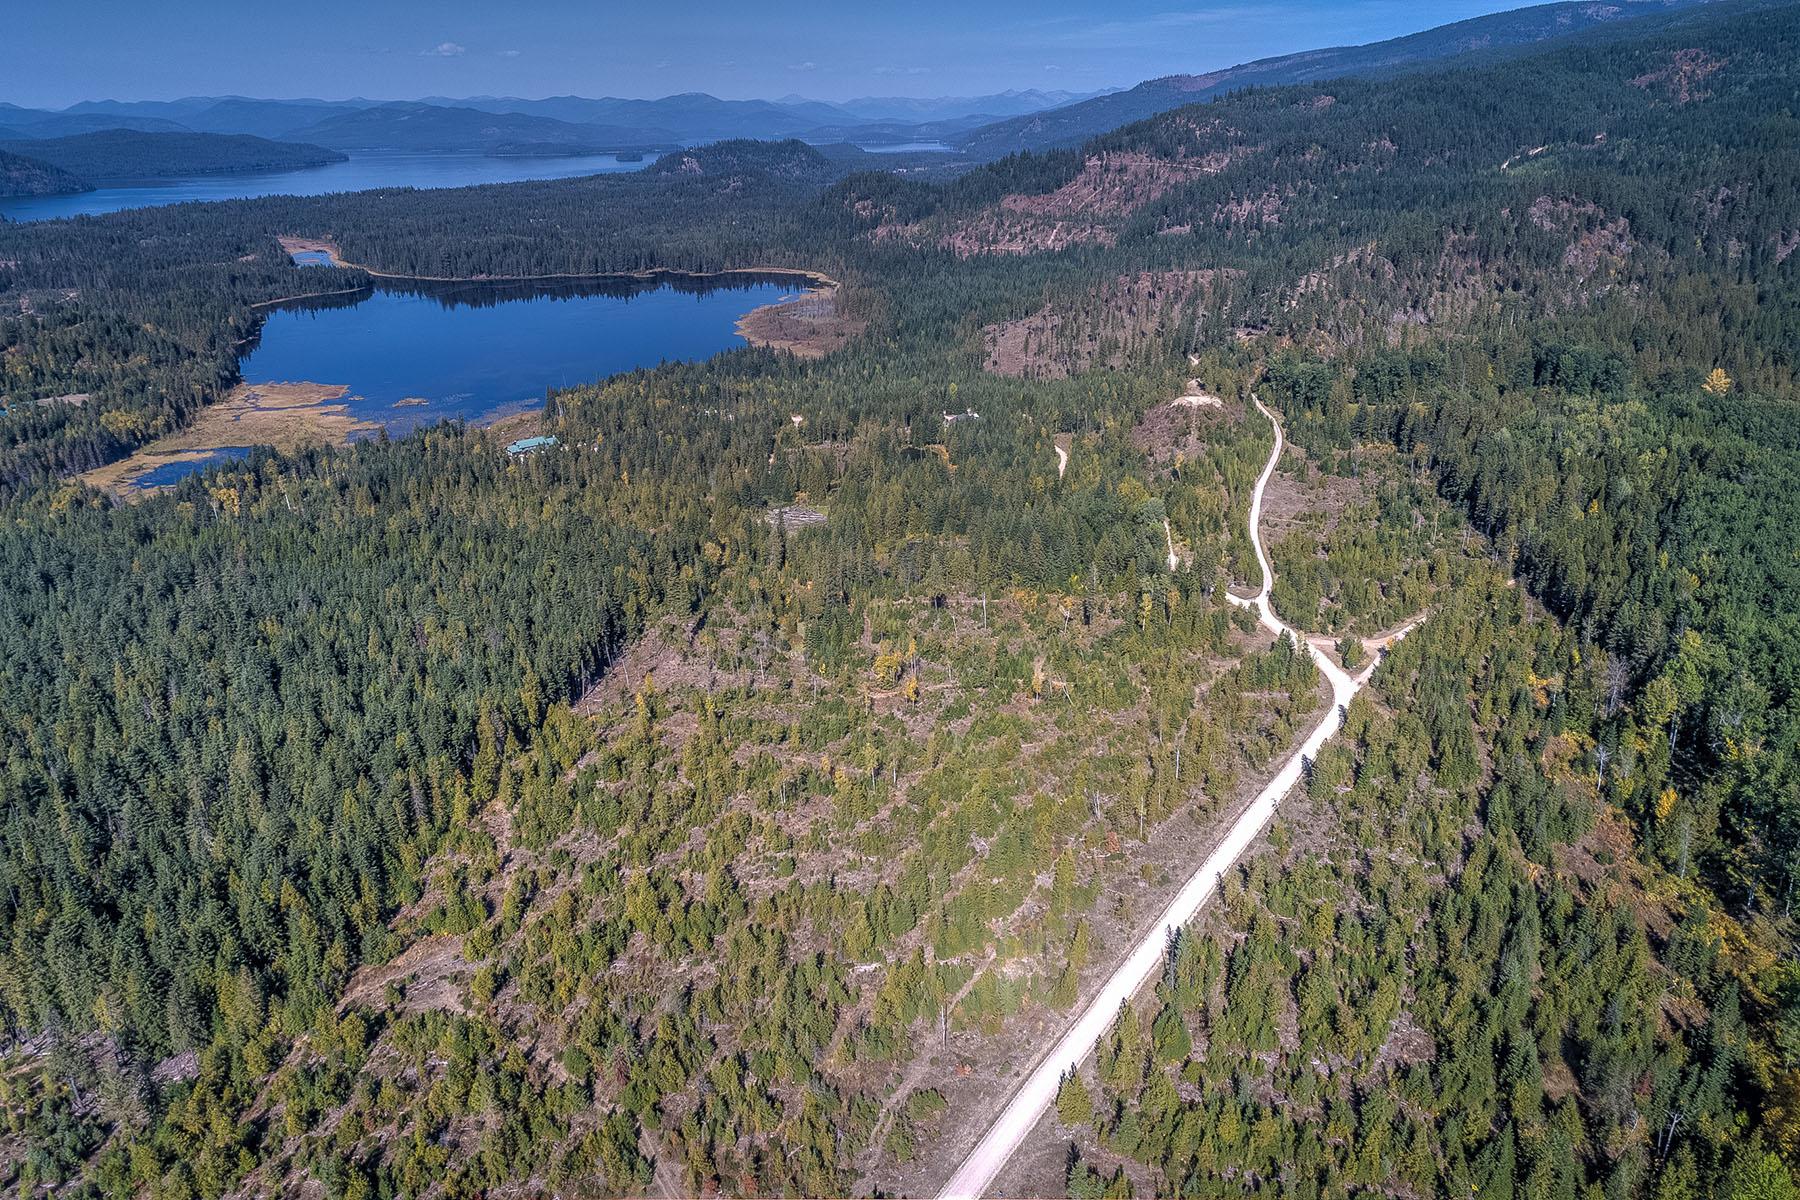 Terreno por un Venta en BUSHWOOD ESTATES Lot 5 1585 Lost Creek Rd Coolin, Idaho, 83821 Estados Unidos